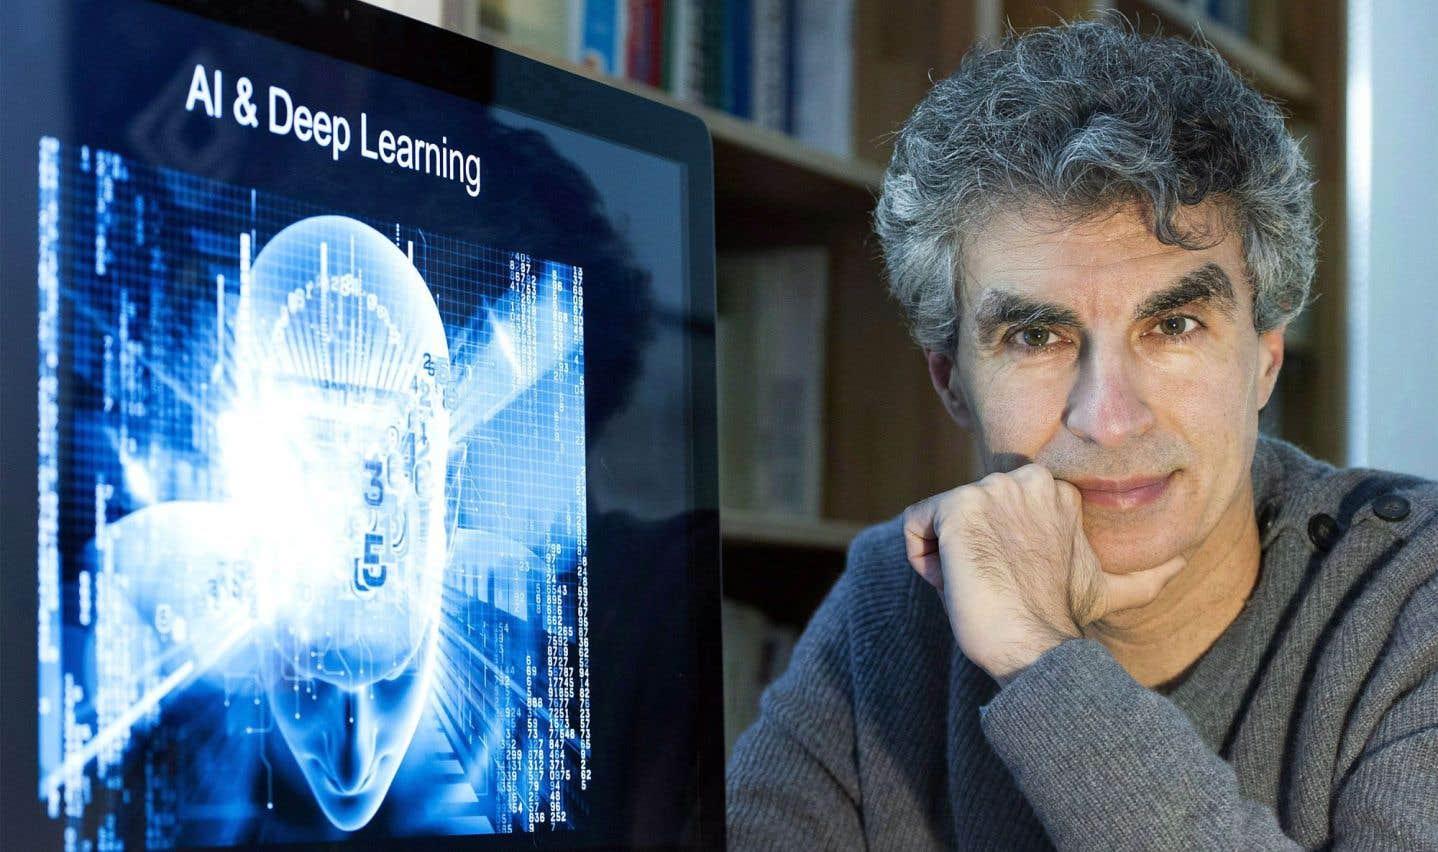 De futurs géants de l'intelligence artificielle élisent domicile au pays